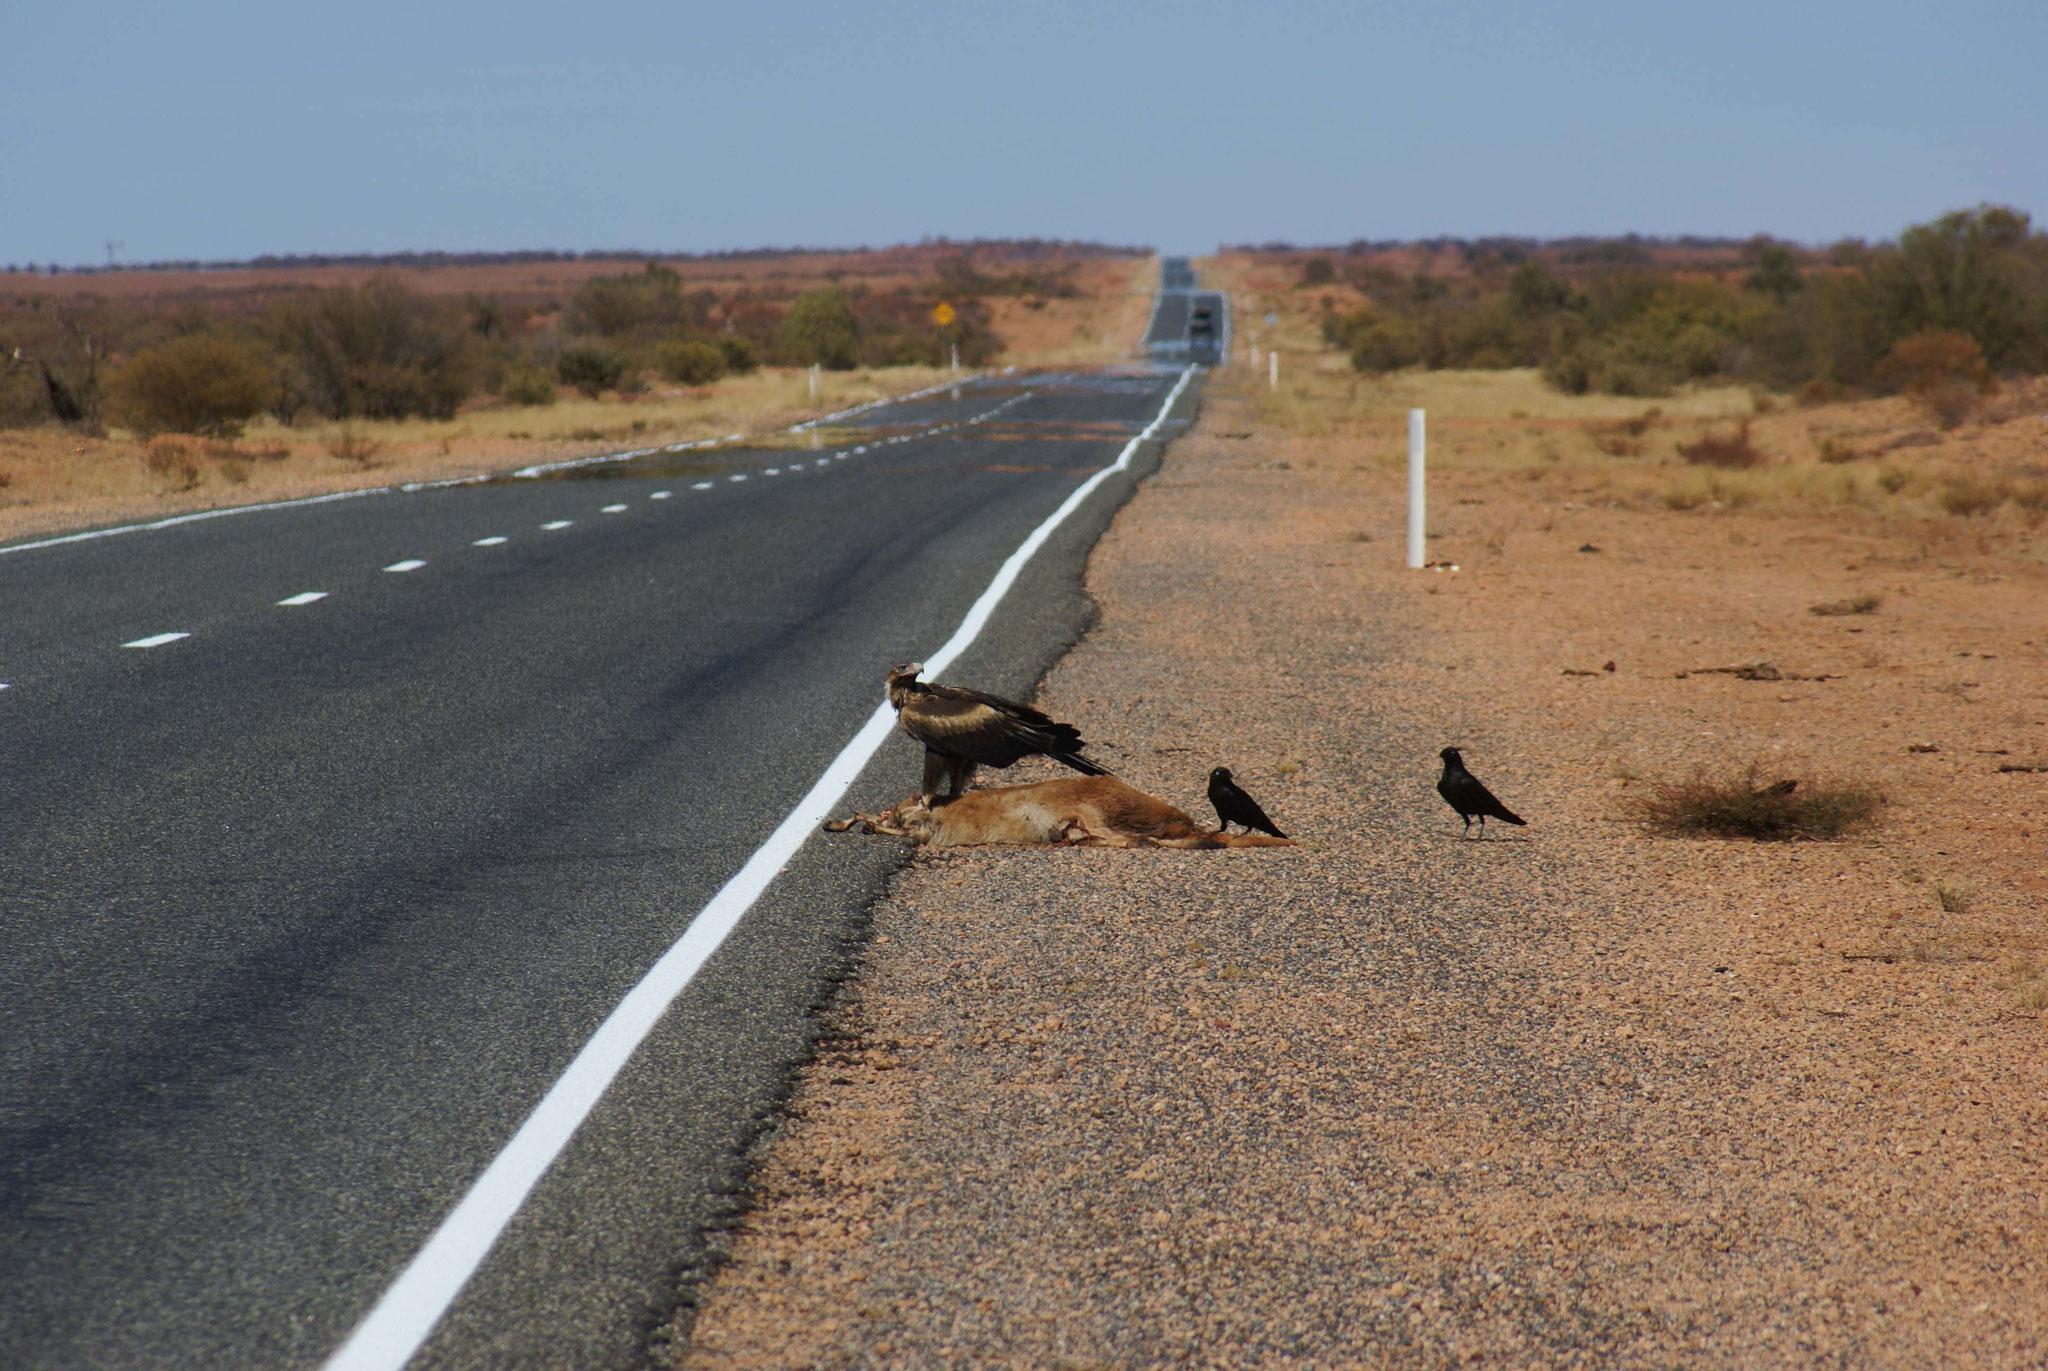 Aasverwerter bei Alice Springs - tote Kängurus helfen den Vögeln beim Überleben